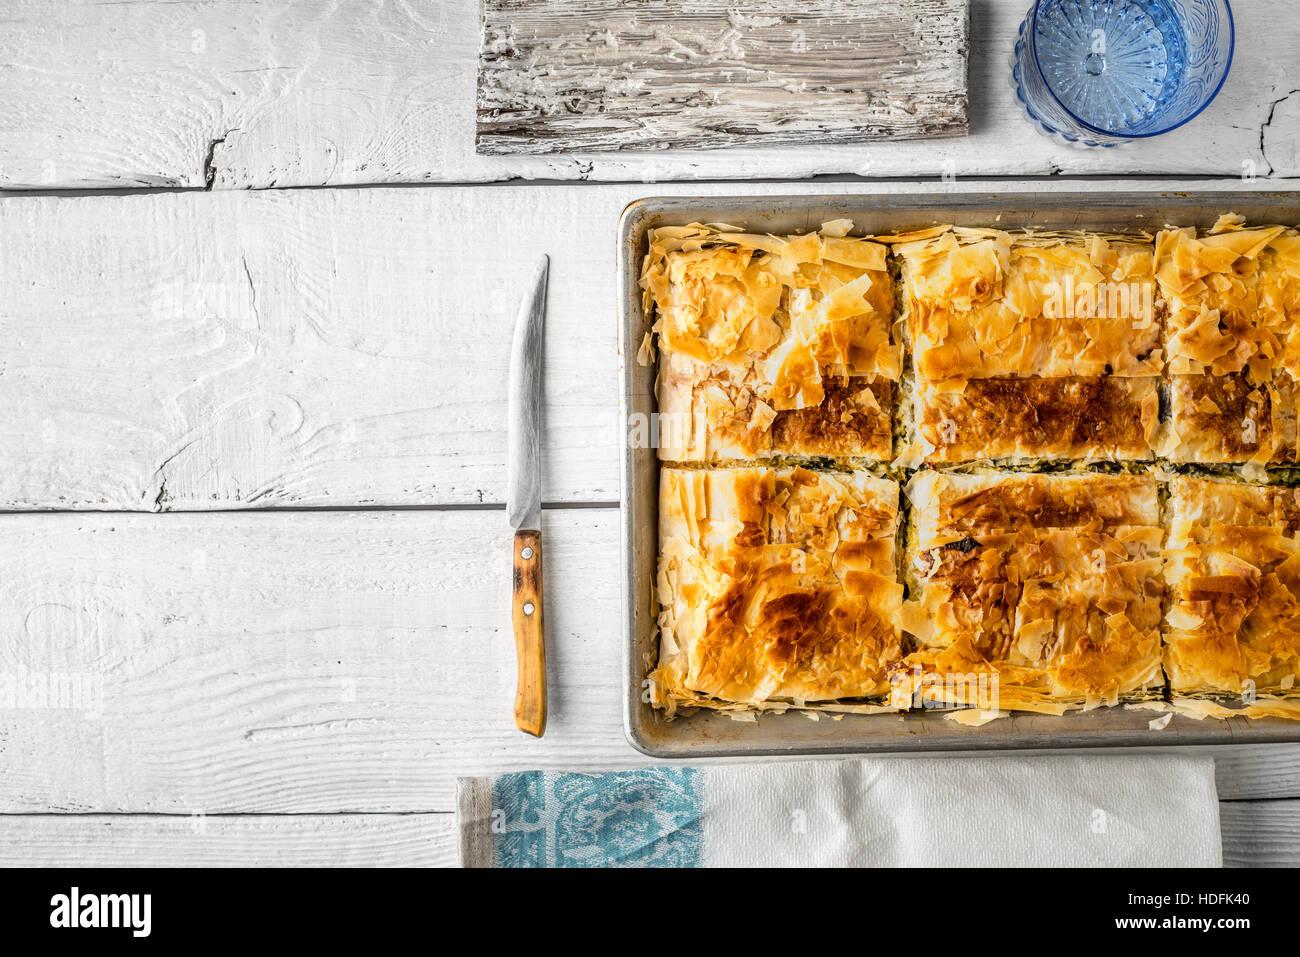 Pastel Pastel panadería pastelería spanakopita hornear masa Imagen De Stock